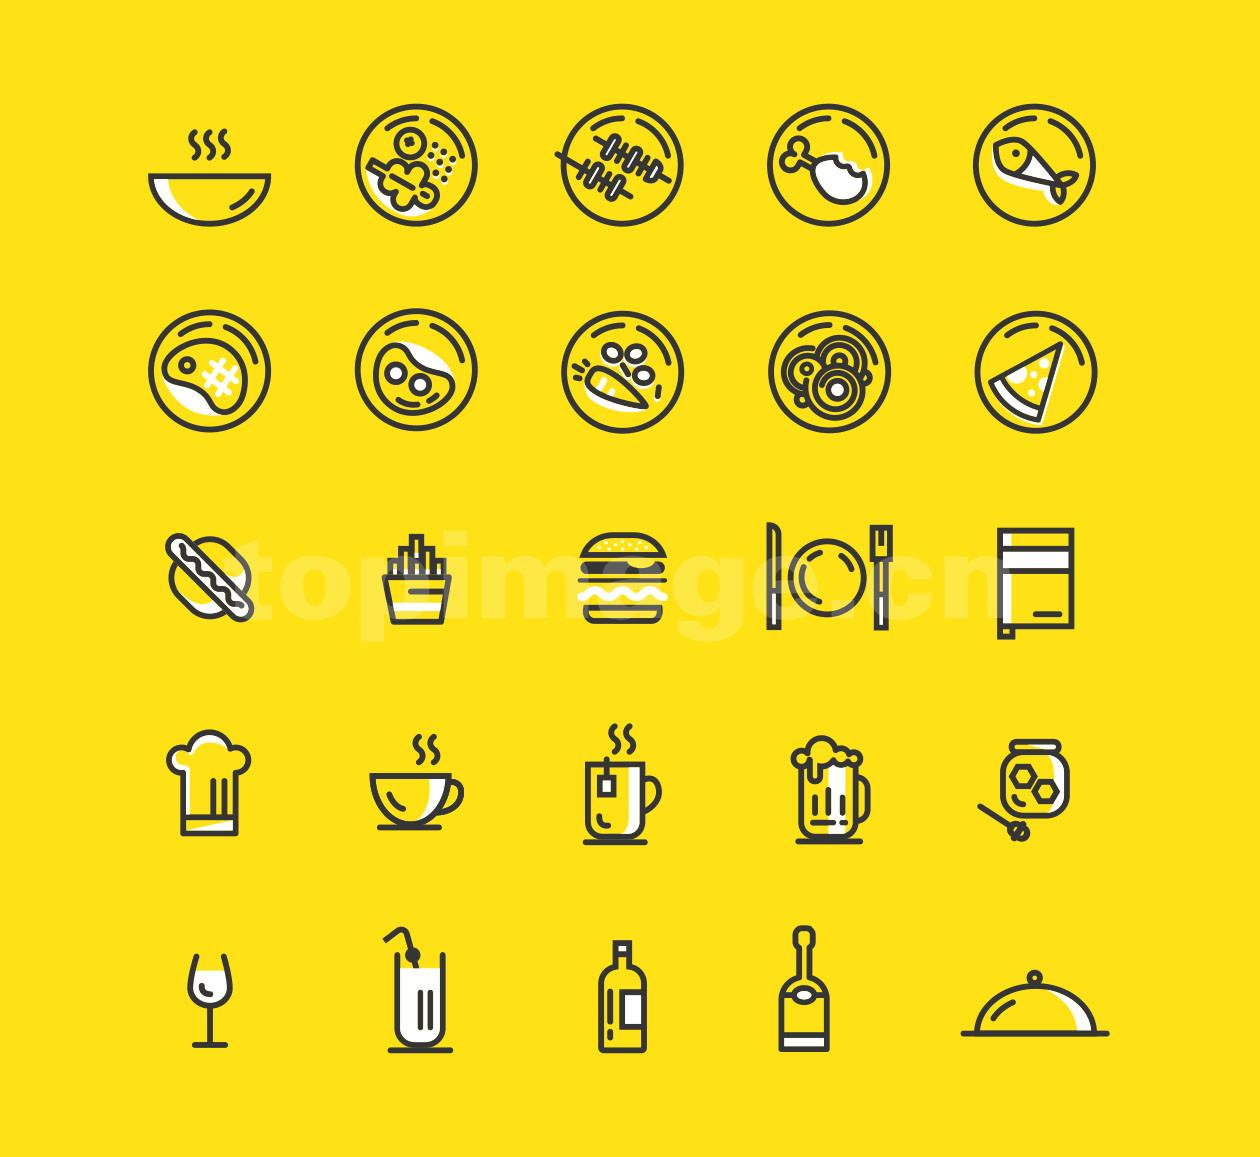 食物icon餐馆食品图标烧烤 鱼 汉堡 酒水 西餐 牛排 热狗 源文件下载